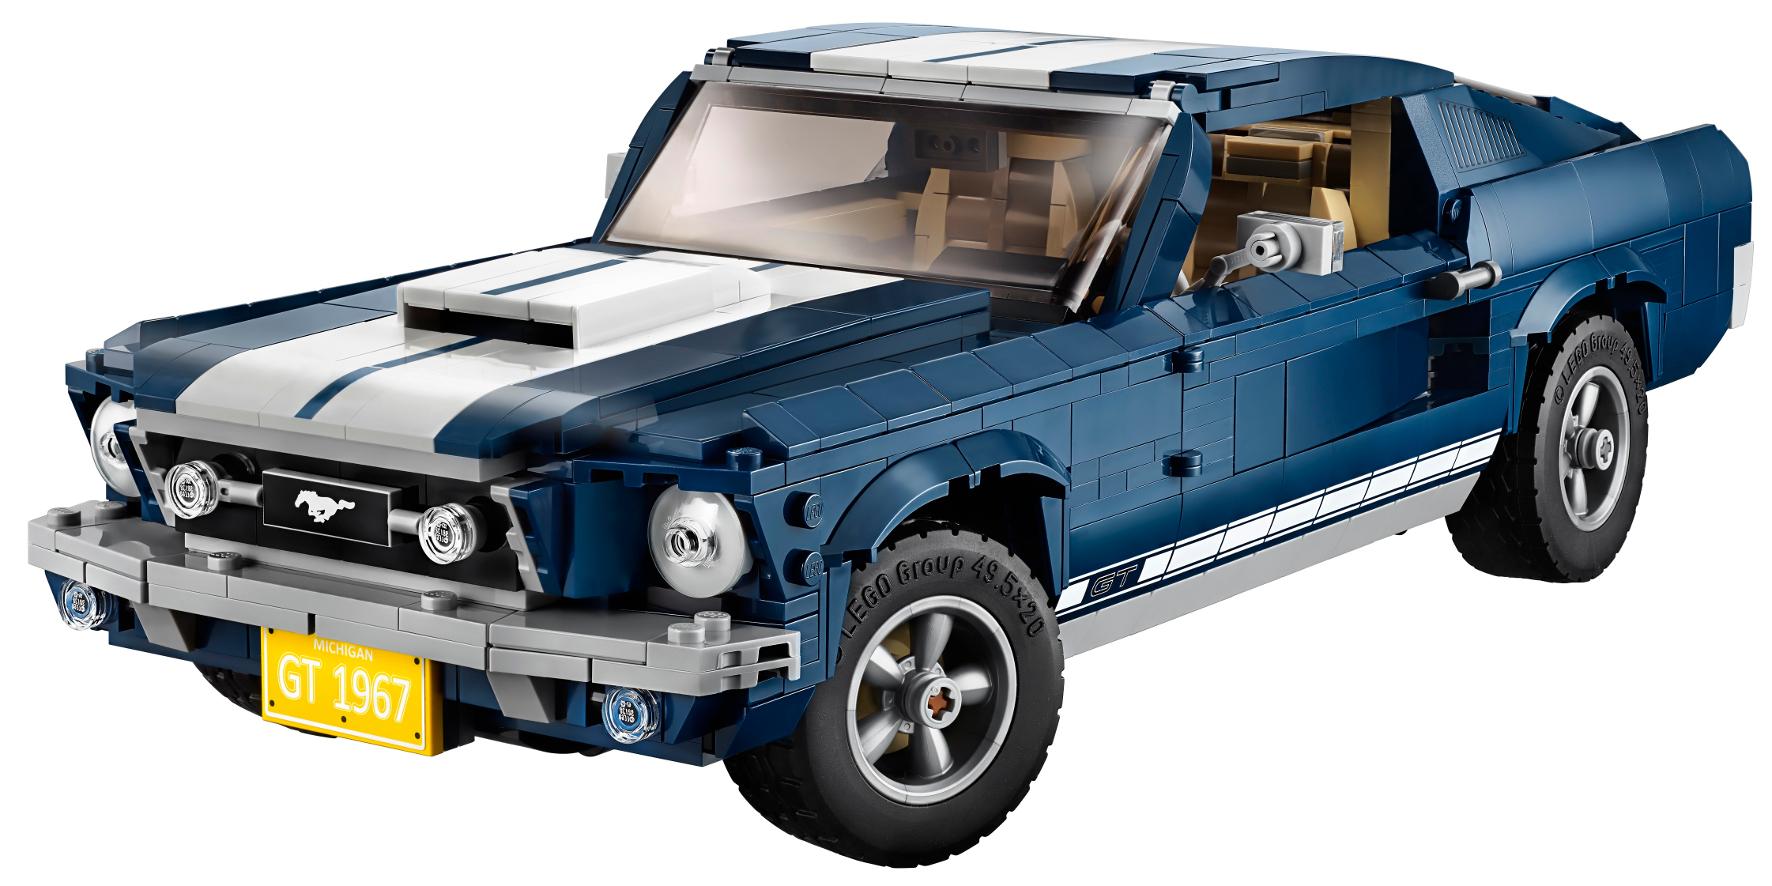 Auch das Nummernschild darf nicht fehlen. Die Strategen von Ford und Lego haben beim Bausatz des legendären Mustang GT Fastback aus dem Jahr 1967 an zahlreiche Details gedacht.